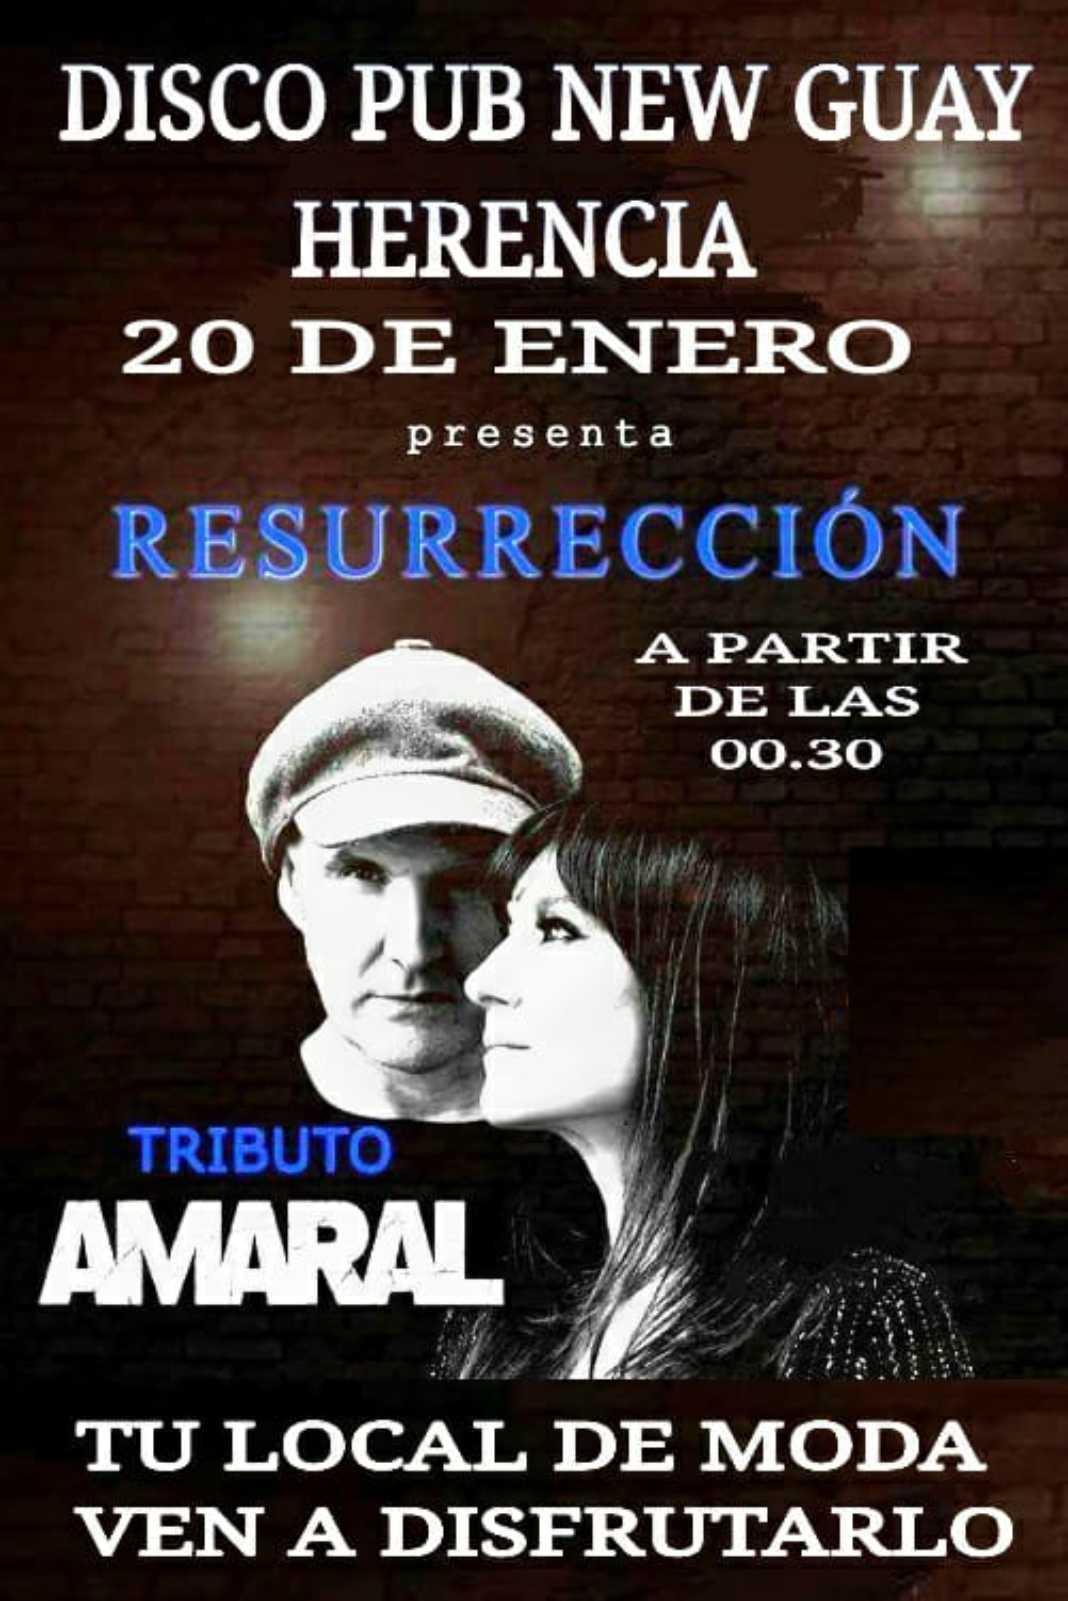 Tributo a Amaral en disco-pub New Guay 4